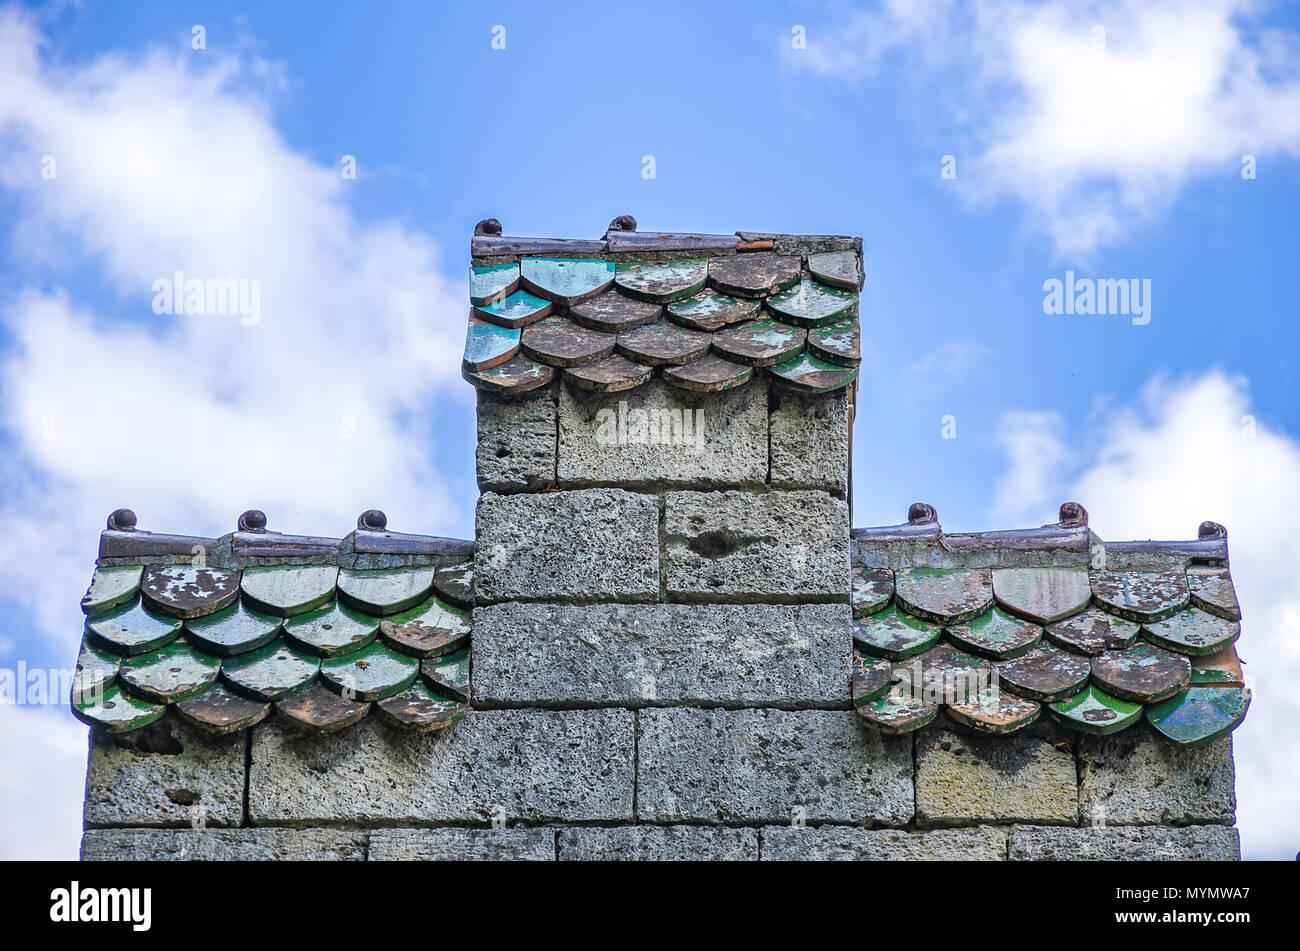 Krähe - stufengiebel mit Ziegeldächern. Stockbild